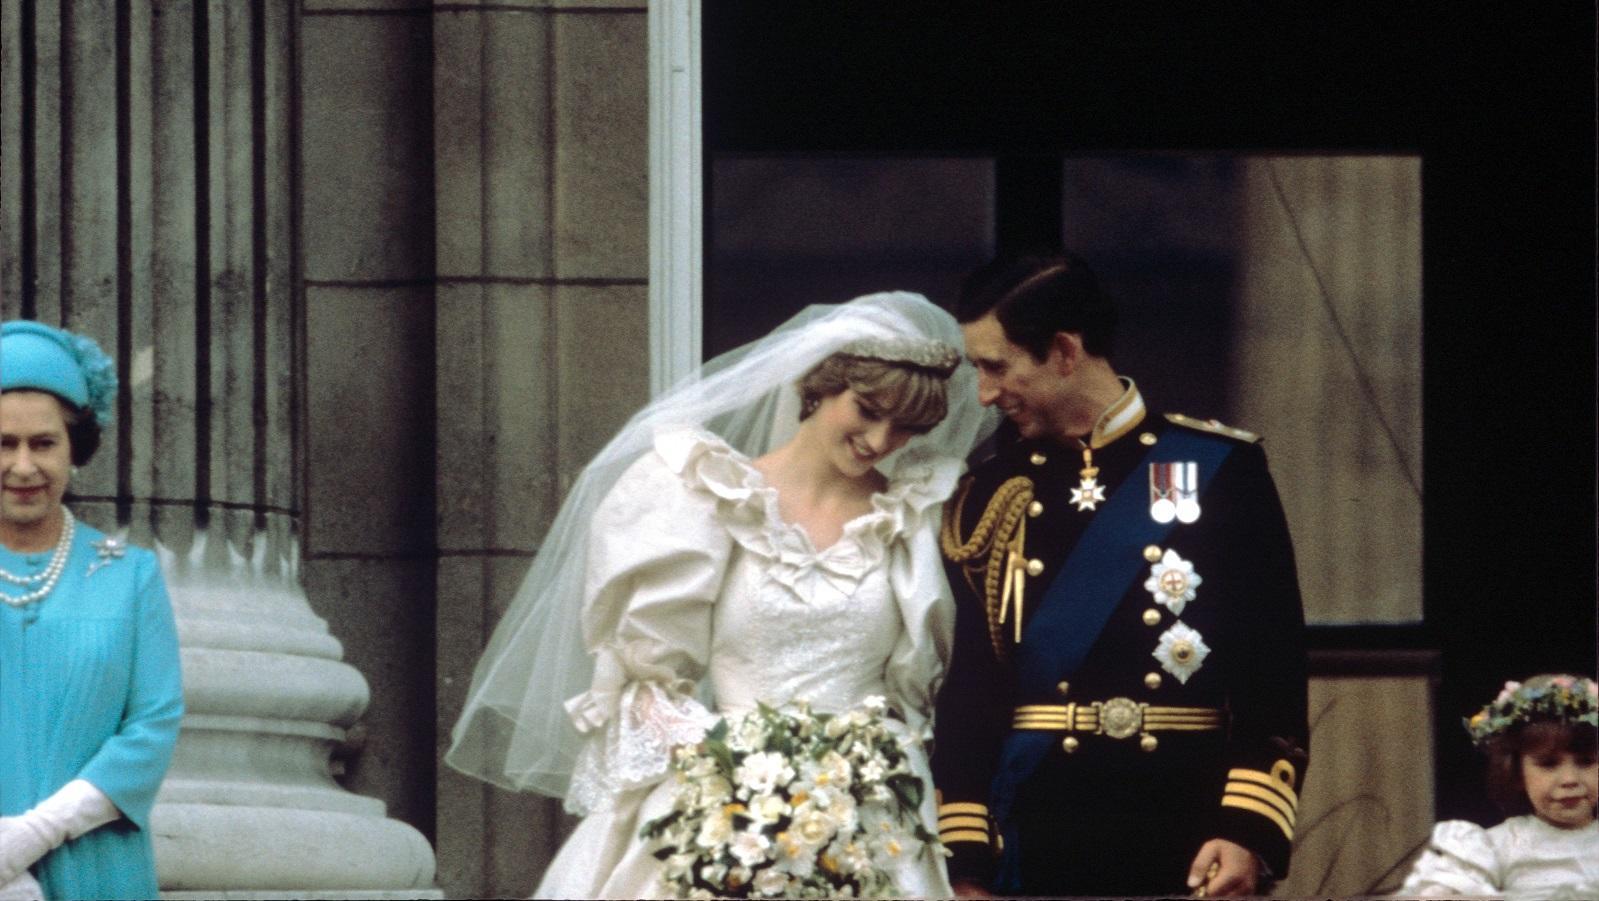 """Ez az összeg mai árfolyamon számítva bizony 100 millió dollár fölé rúgna. A St Paul's Katedrálisban rendezett esküvőn a királyi család tagjai mellett rengeteg híresség és 2 millió néző volt jelen, míg 750 millió TV néző követte az eseményt. Diana csodálatos volt menyasszonyi ruhájában. 27 torta készült az eseményre, a legimpozánsabb, a 1,5 méter magas """"fő"""" esküvői torta elkészítéséhez 14 hét kellett. Ráadásul rögtön kettőt is készítettek belőle, minden eshetőségre felkészülve. (Shutterstock)"""